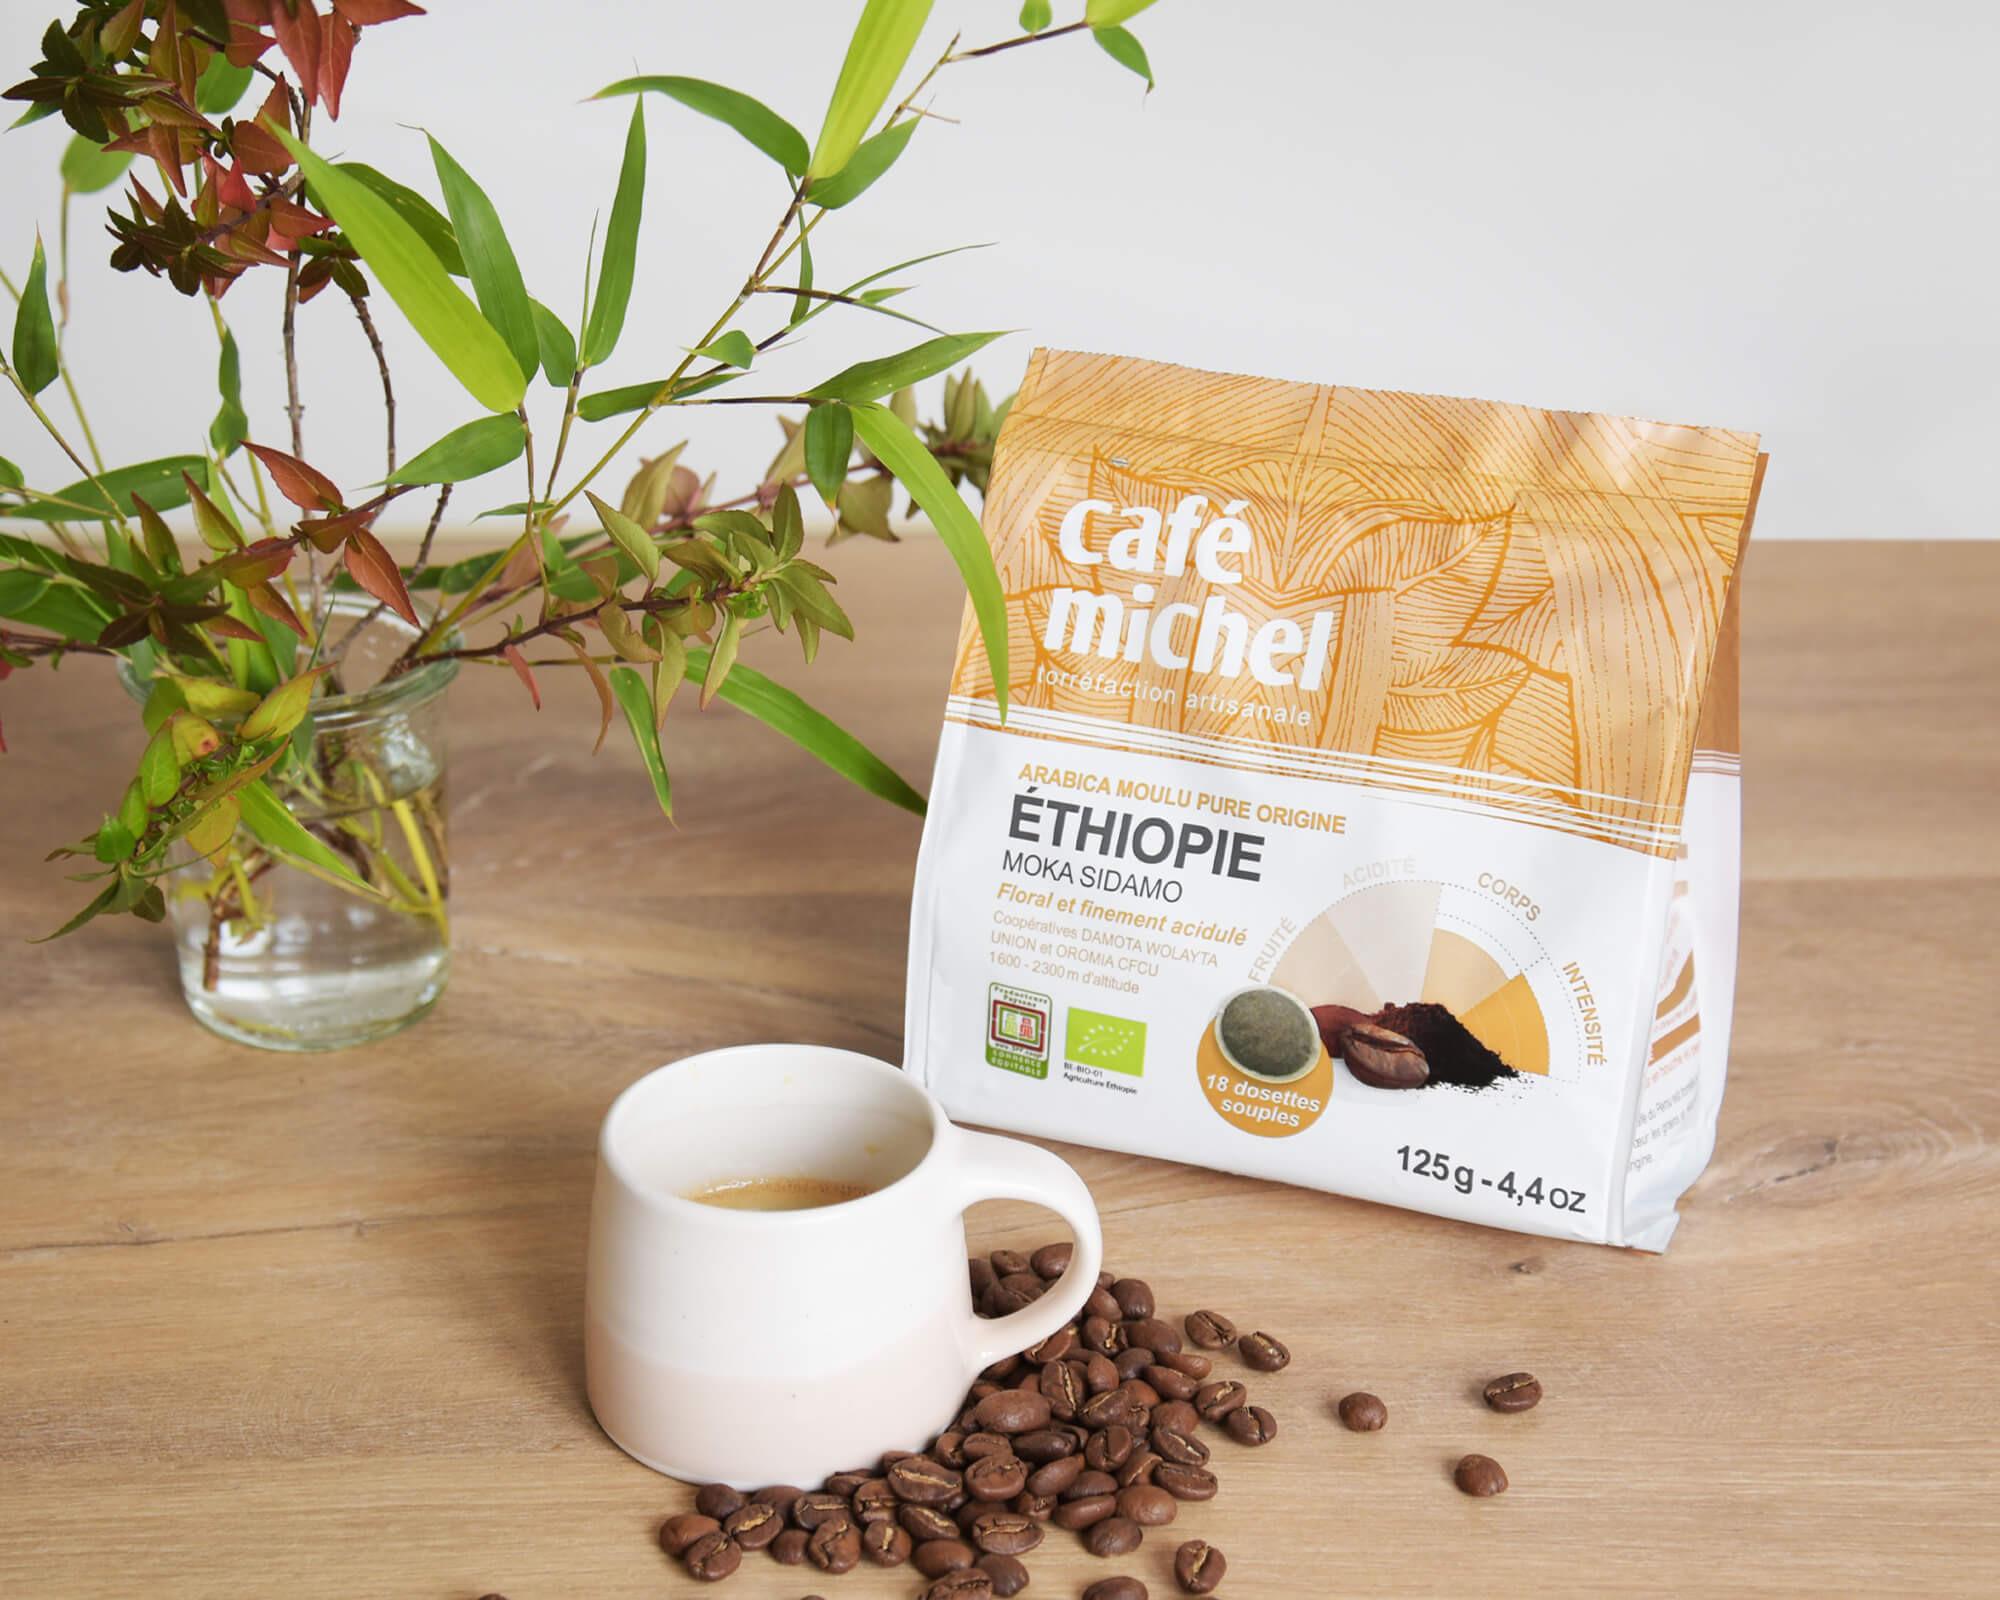 Dosettes souples d'arabica d'Éthiopie biologique et équitable - Café Michel